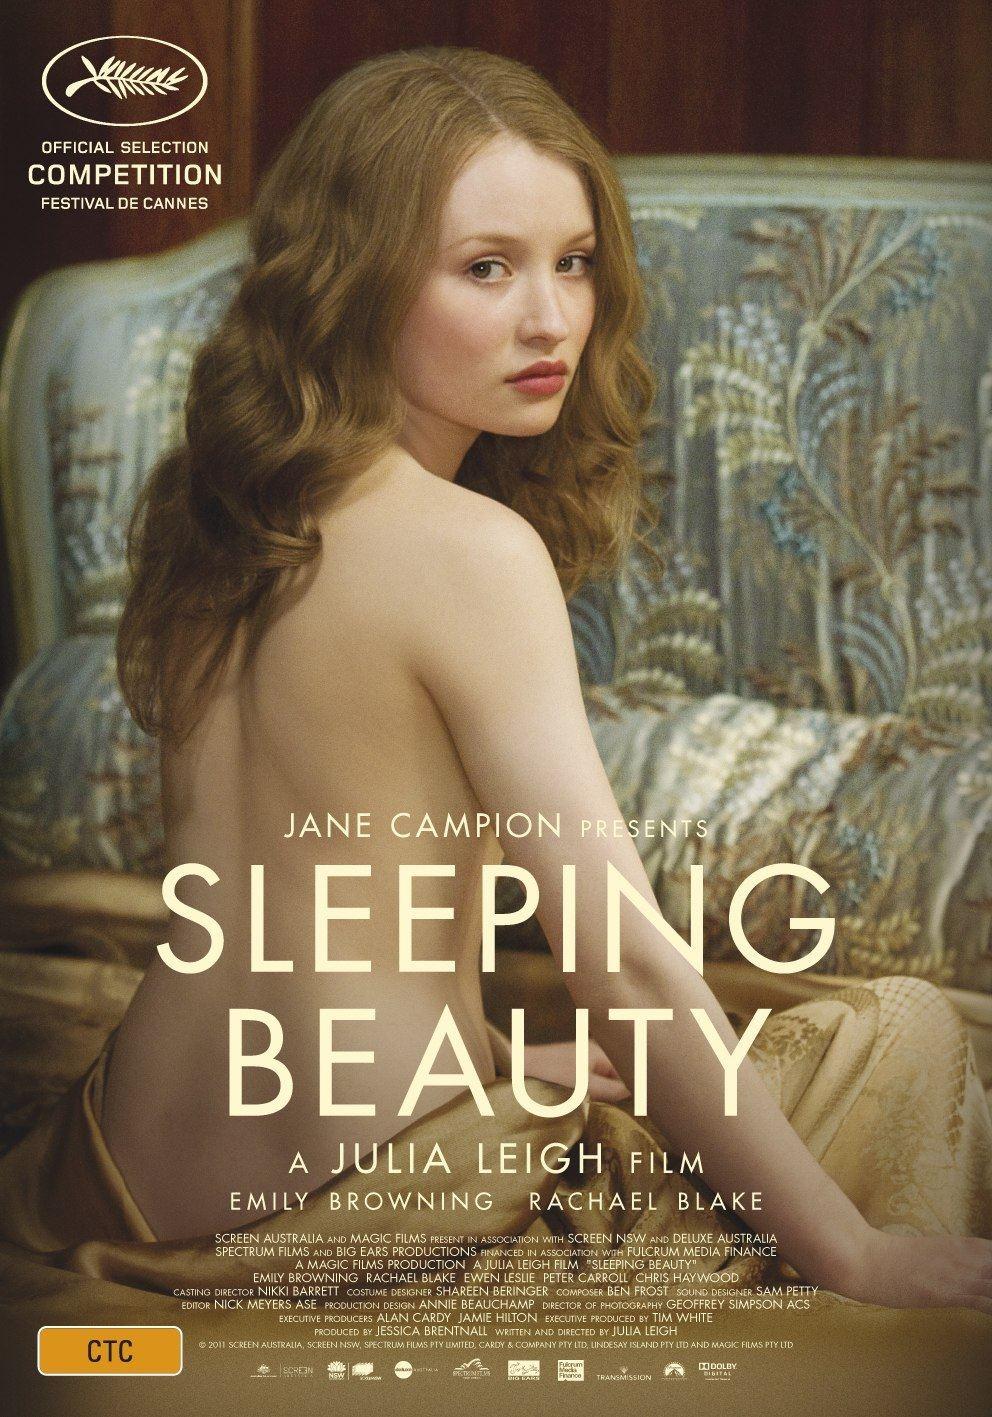 http://2.bp.blogspot.com/-HnN4G0G4tIs/Tp0ah-Z_U8I/AAAAAAAABTI/6azJEendZ0g/s1600/Sleeping%2BBeauty.jpg